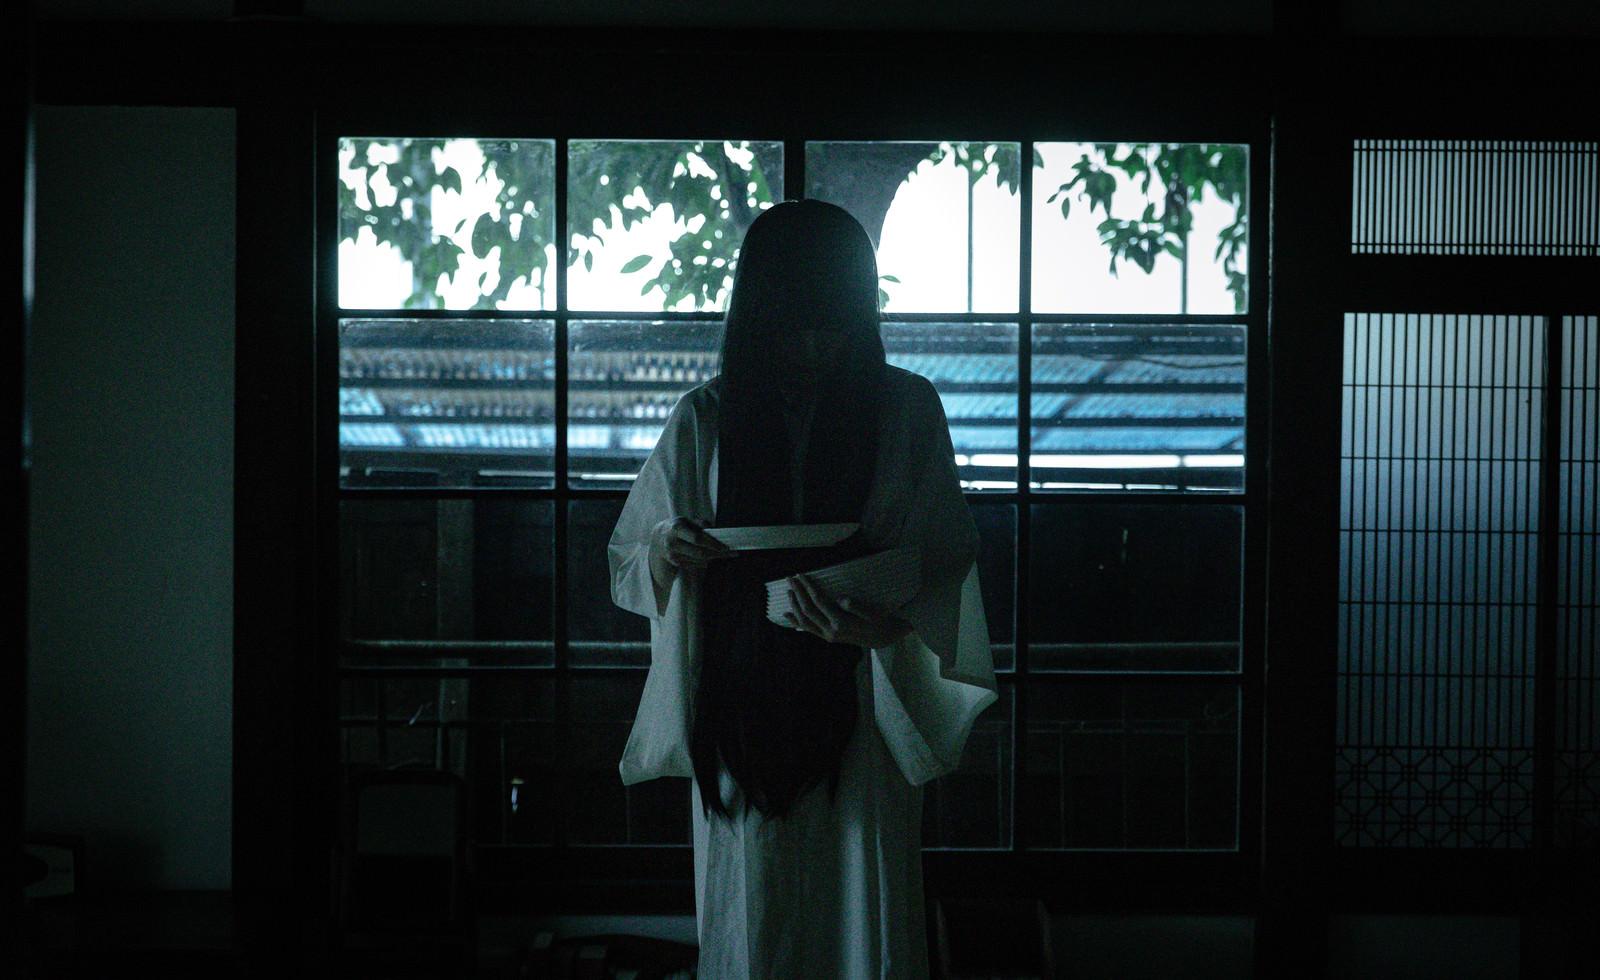 「皿の枚数を数える幽霊らしい女性」の写真[モデル:緋真煉]